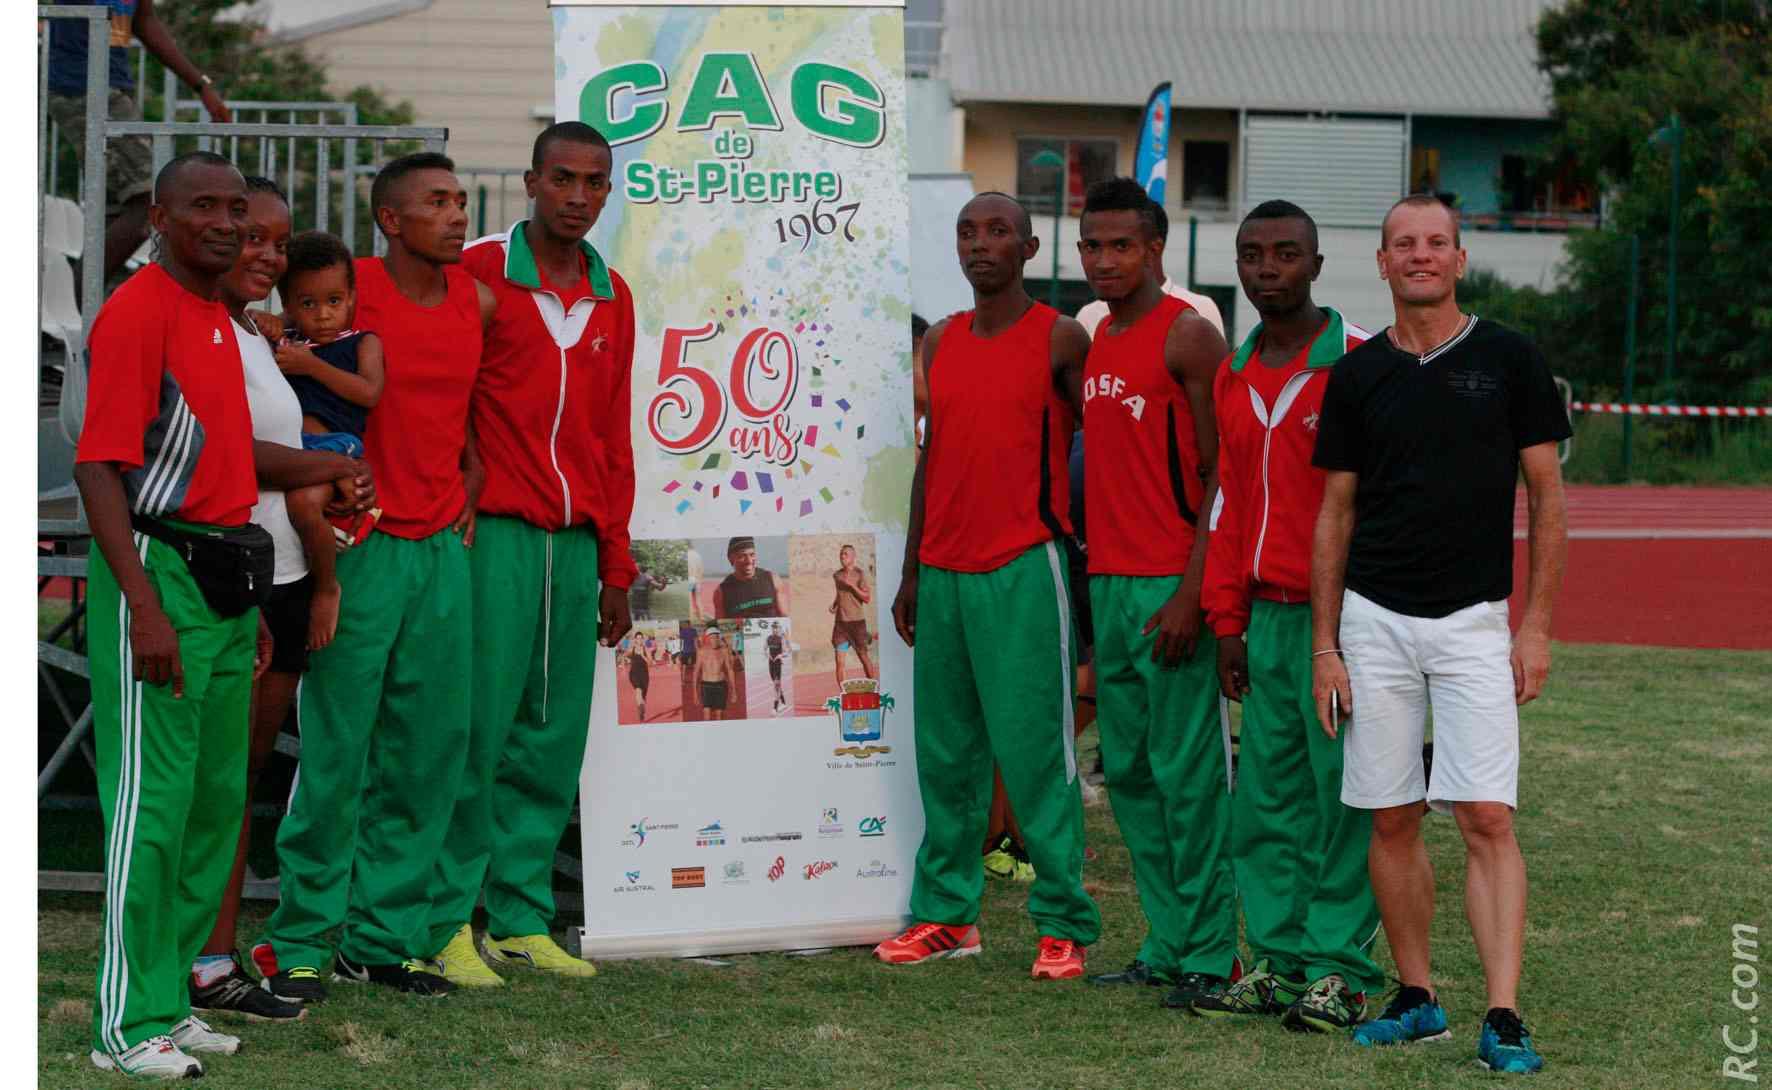 La sélection malgache emmenée par Jean Delacroix, saluée par le champion de Marathon François Lebon.